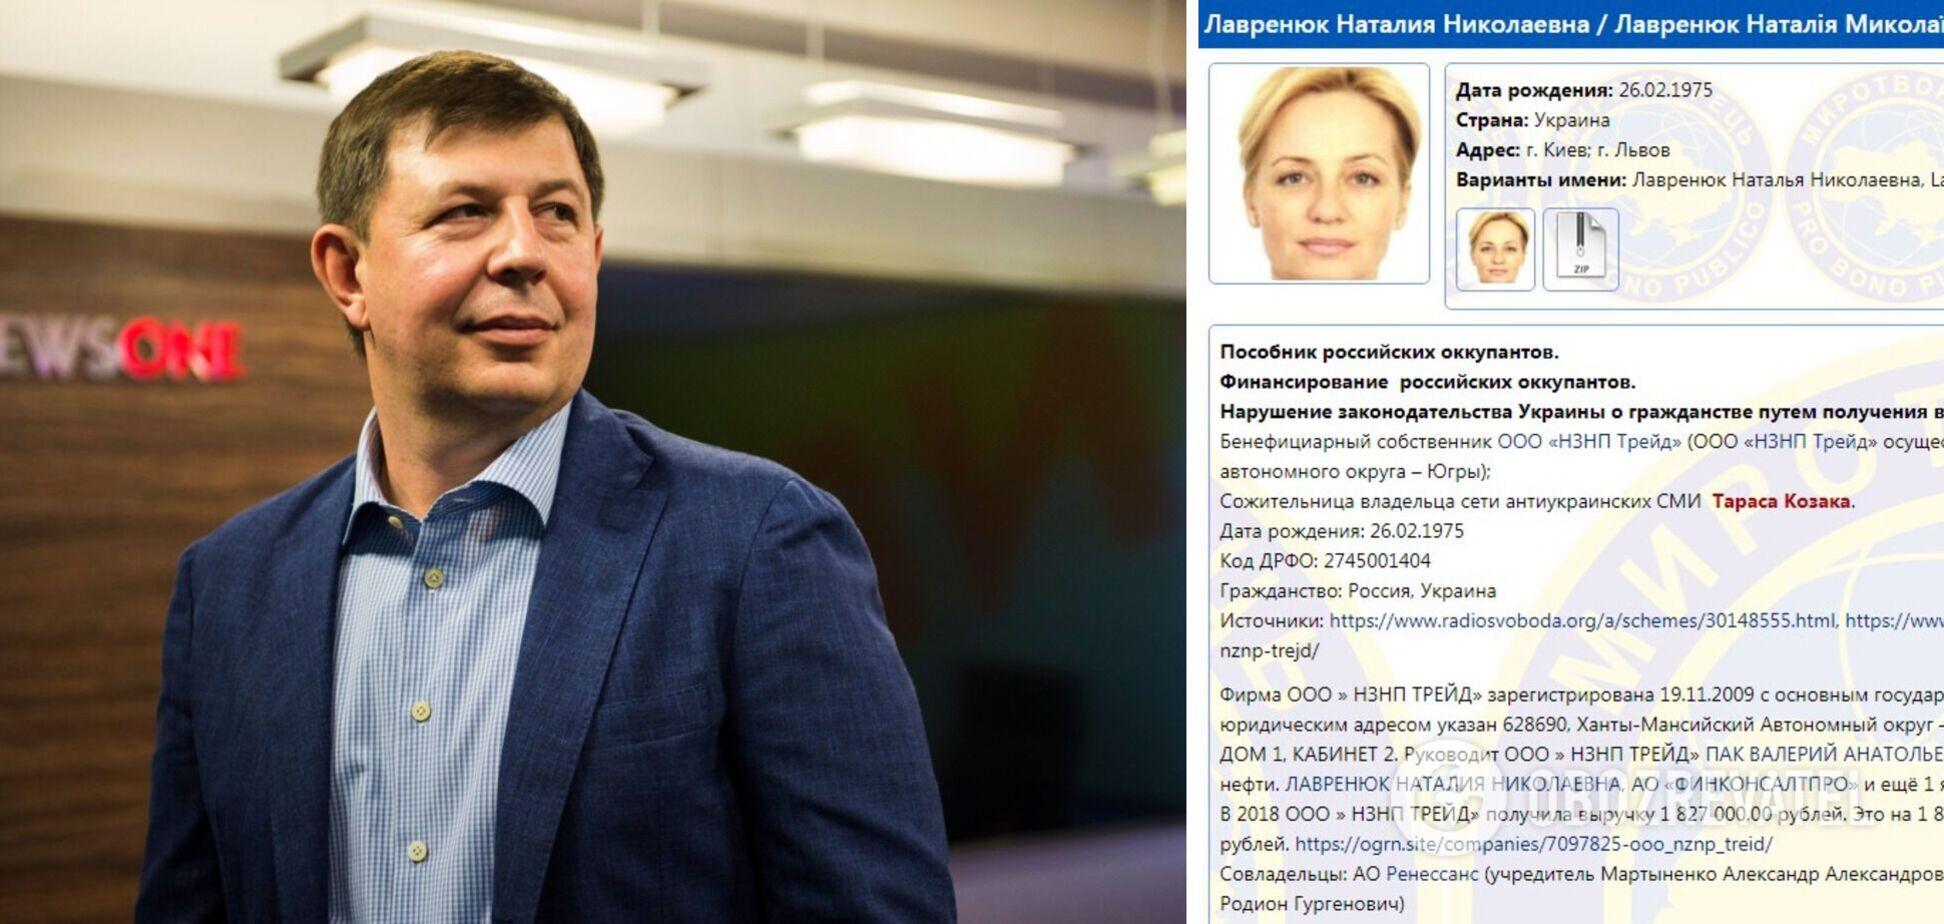 Гражданская жена Козака загремела в базу 'Миротворца'